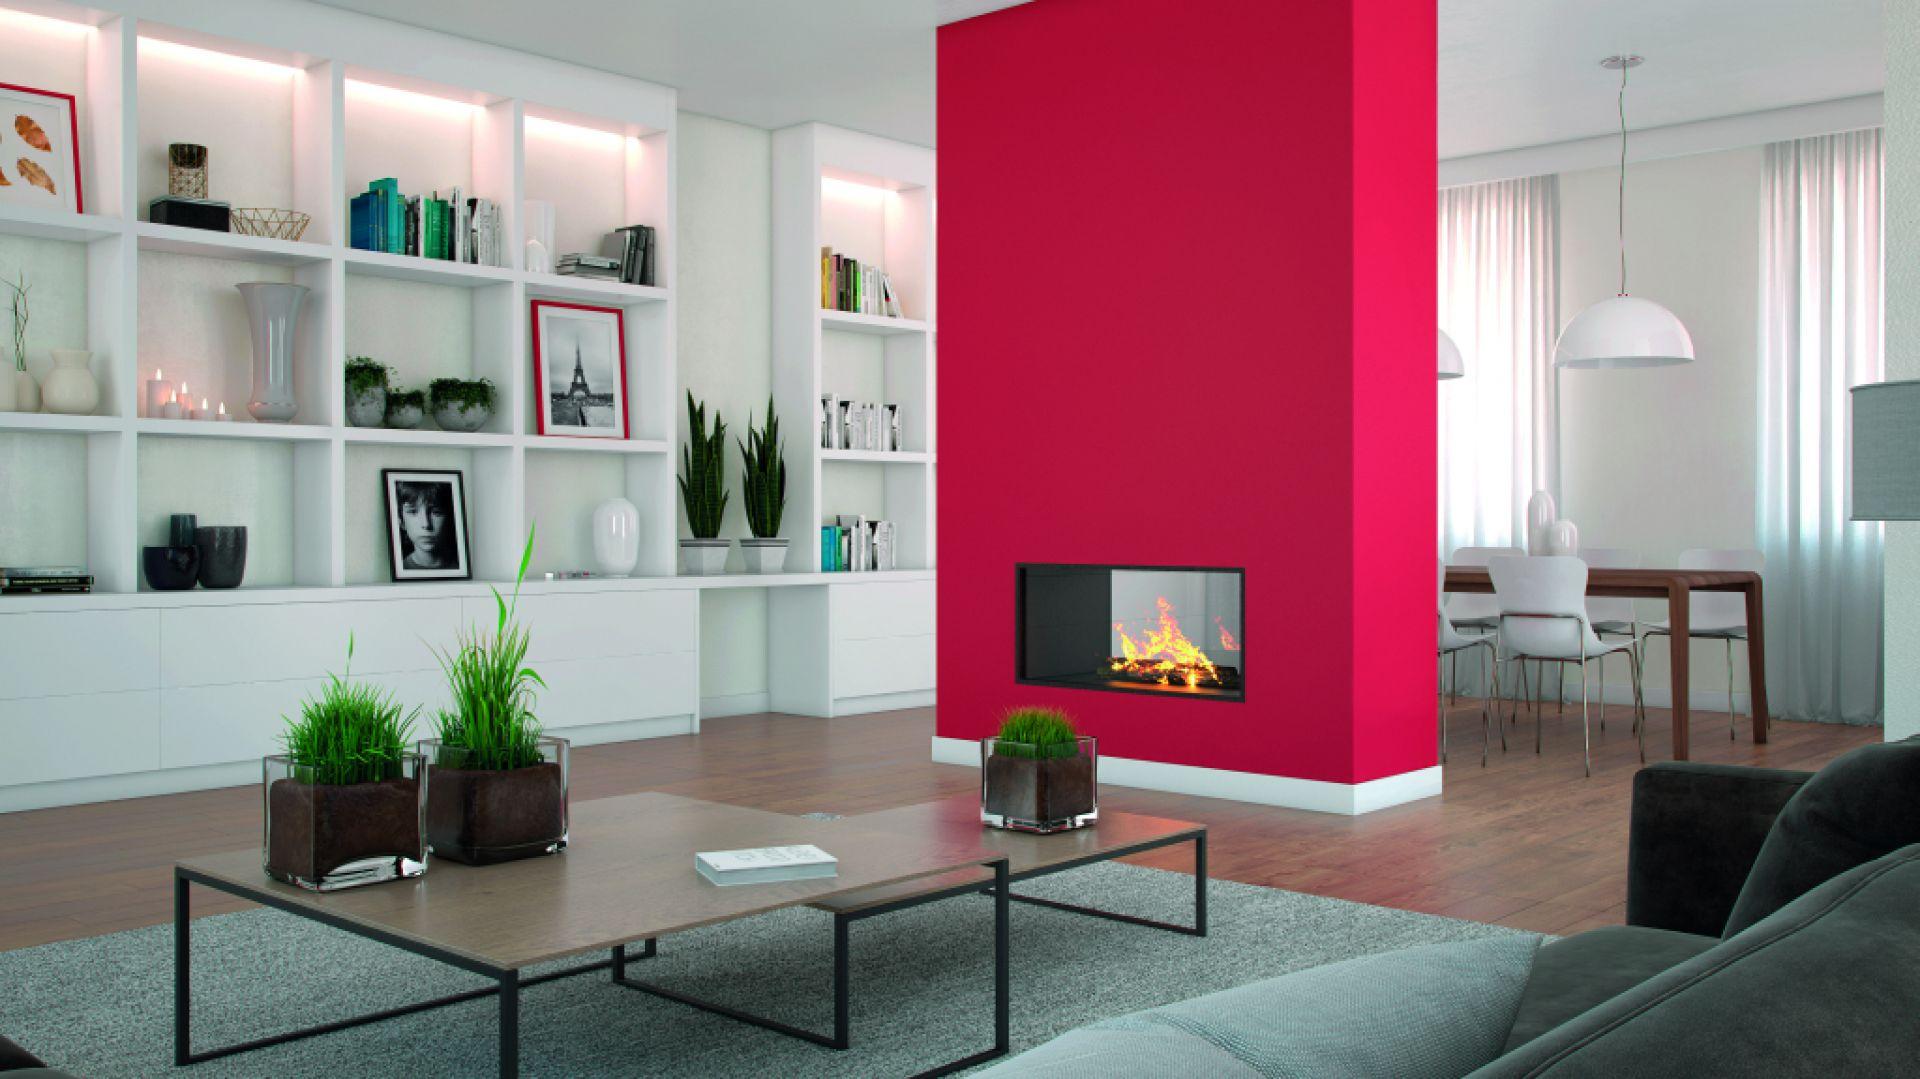 Fani odważniejszych stylizacji mogą przełamać szarość Tender gorącym odcieniem Red Deluxe, tworząc w ten sposób salon, który będzie tętnił radością. For. Beckers